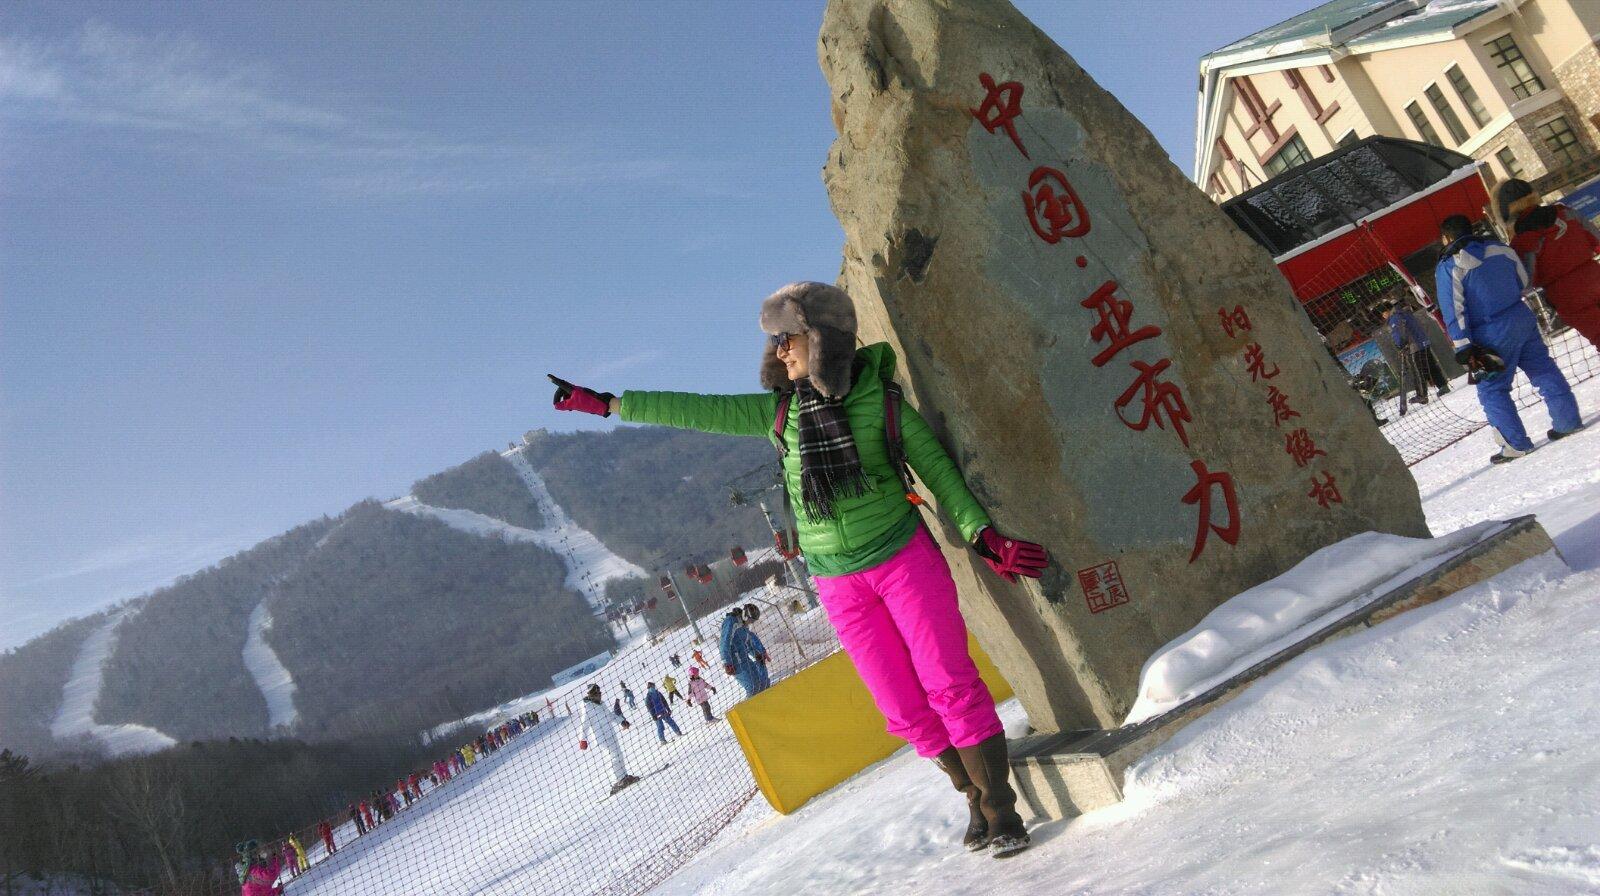 雪乡游记亚布力滑雪场-雪乡游记